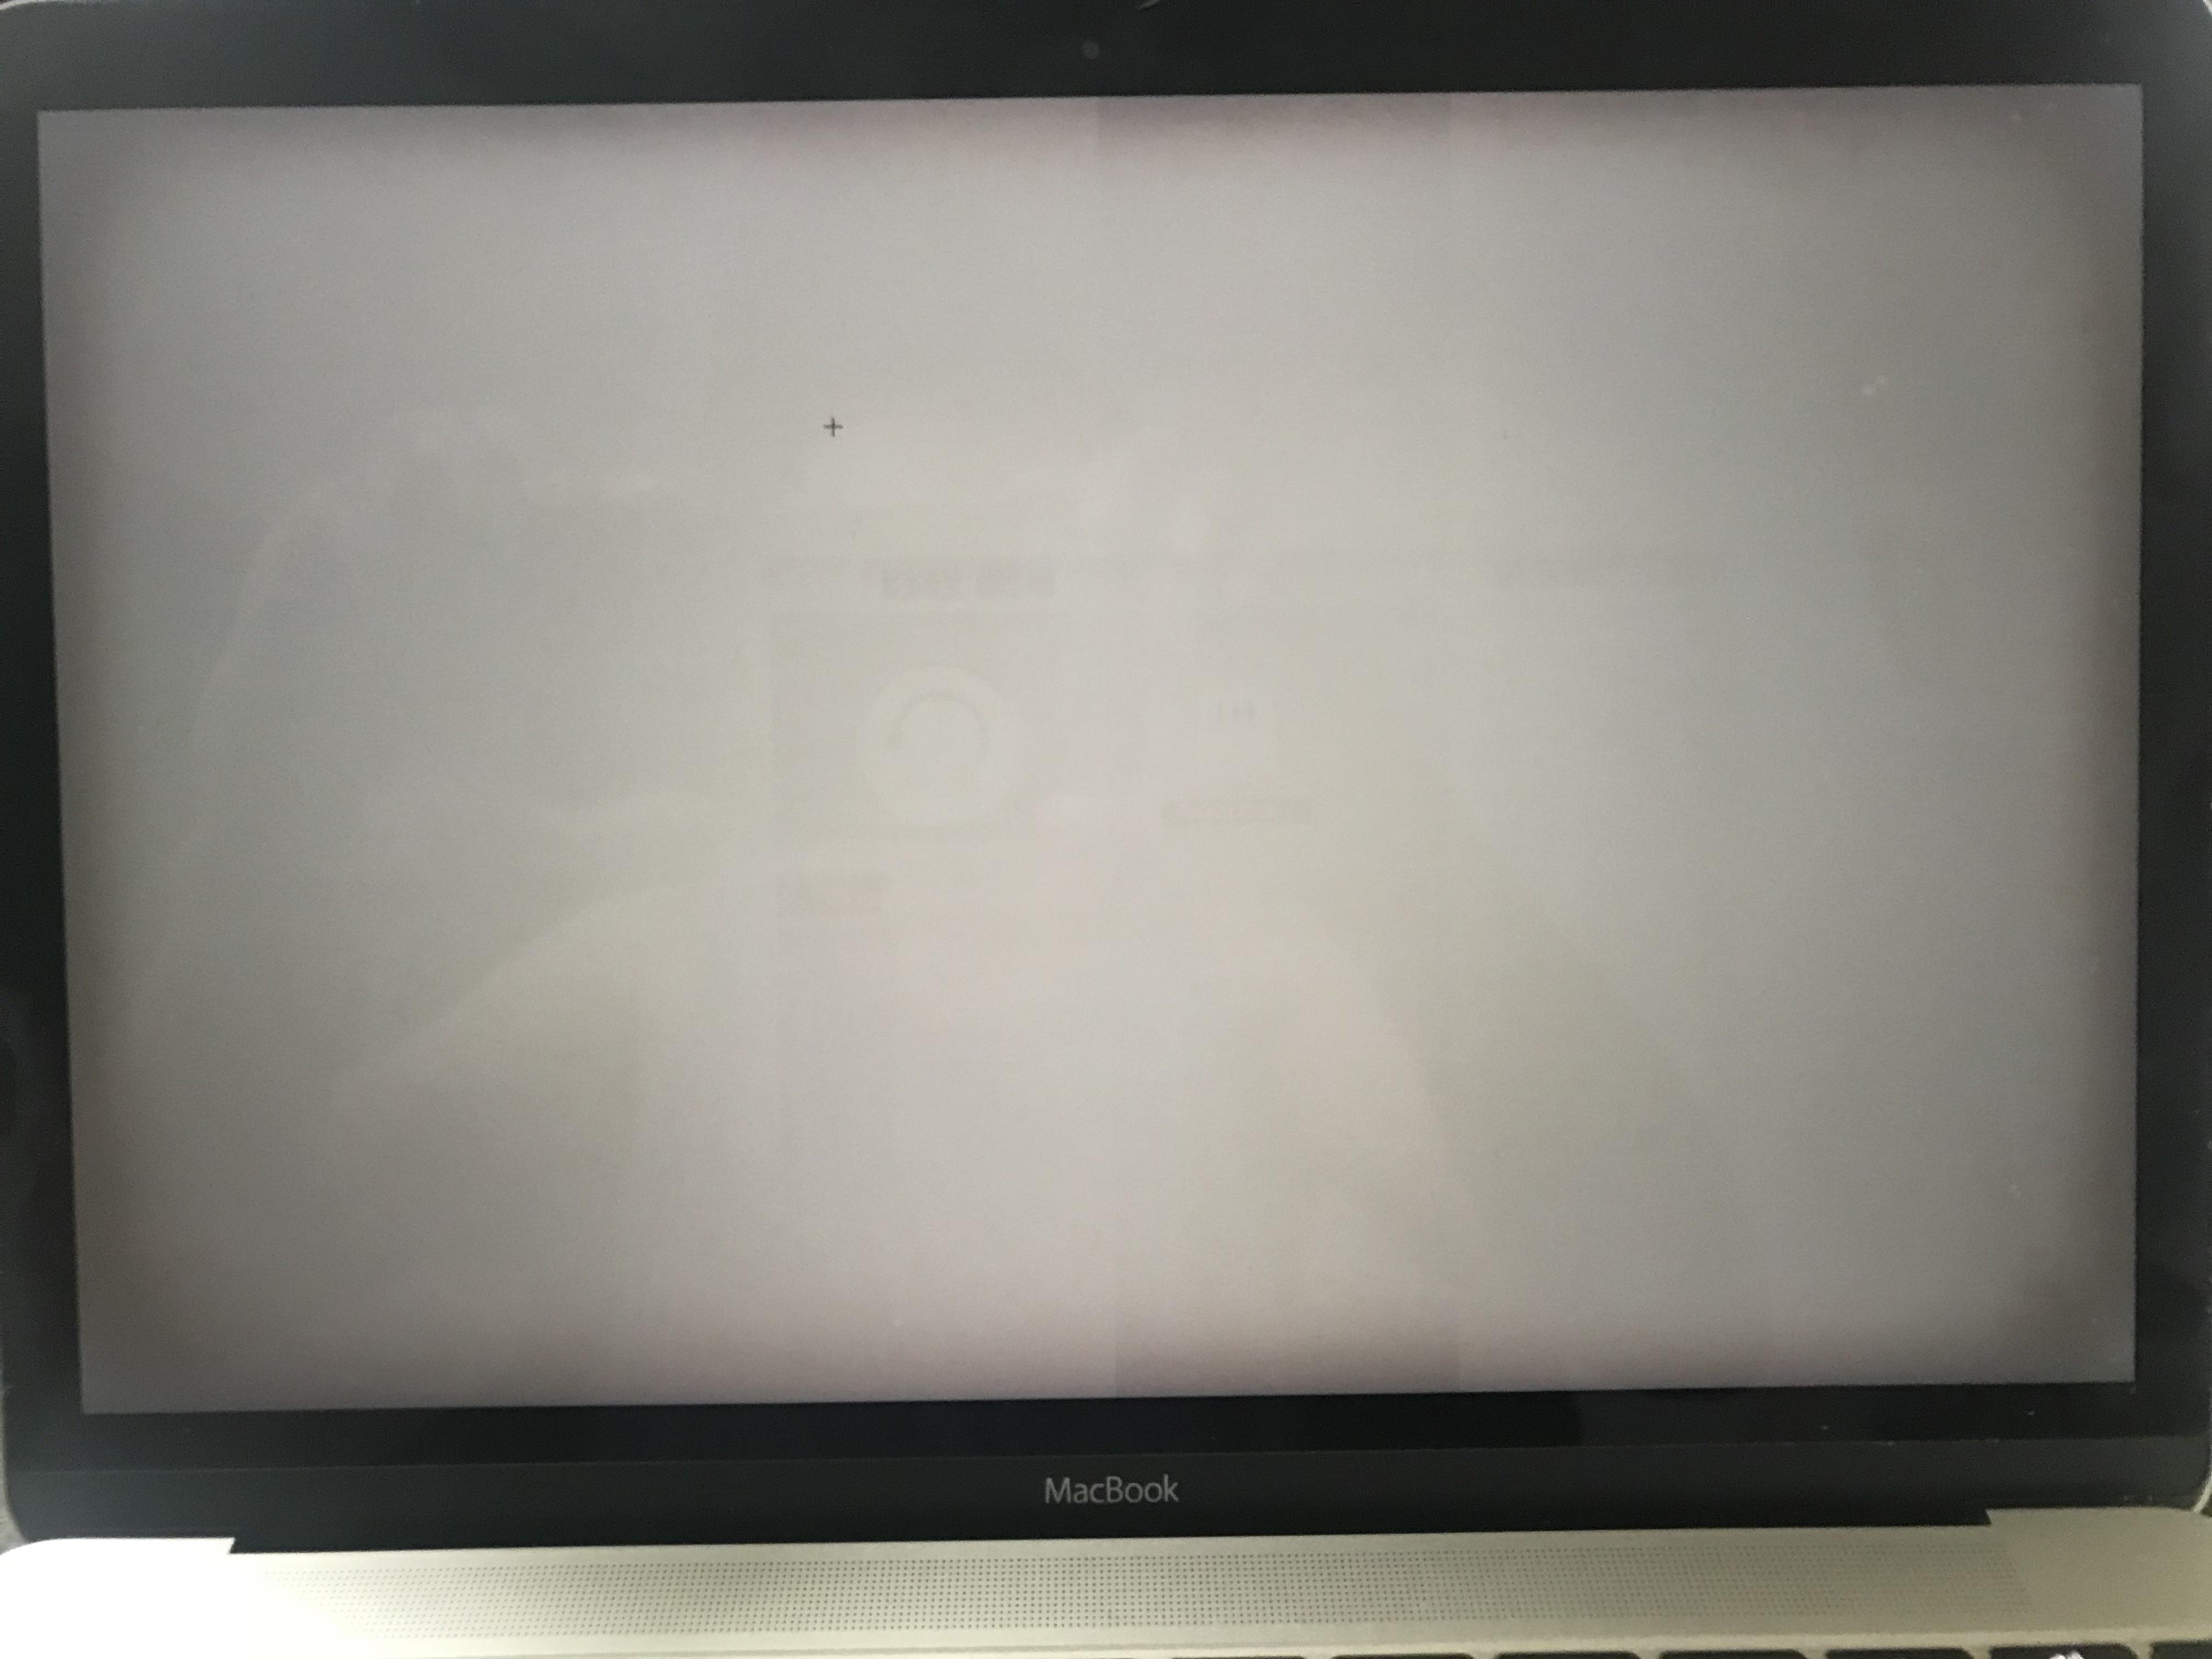 apple logo burned screen mac